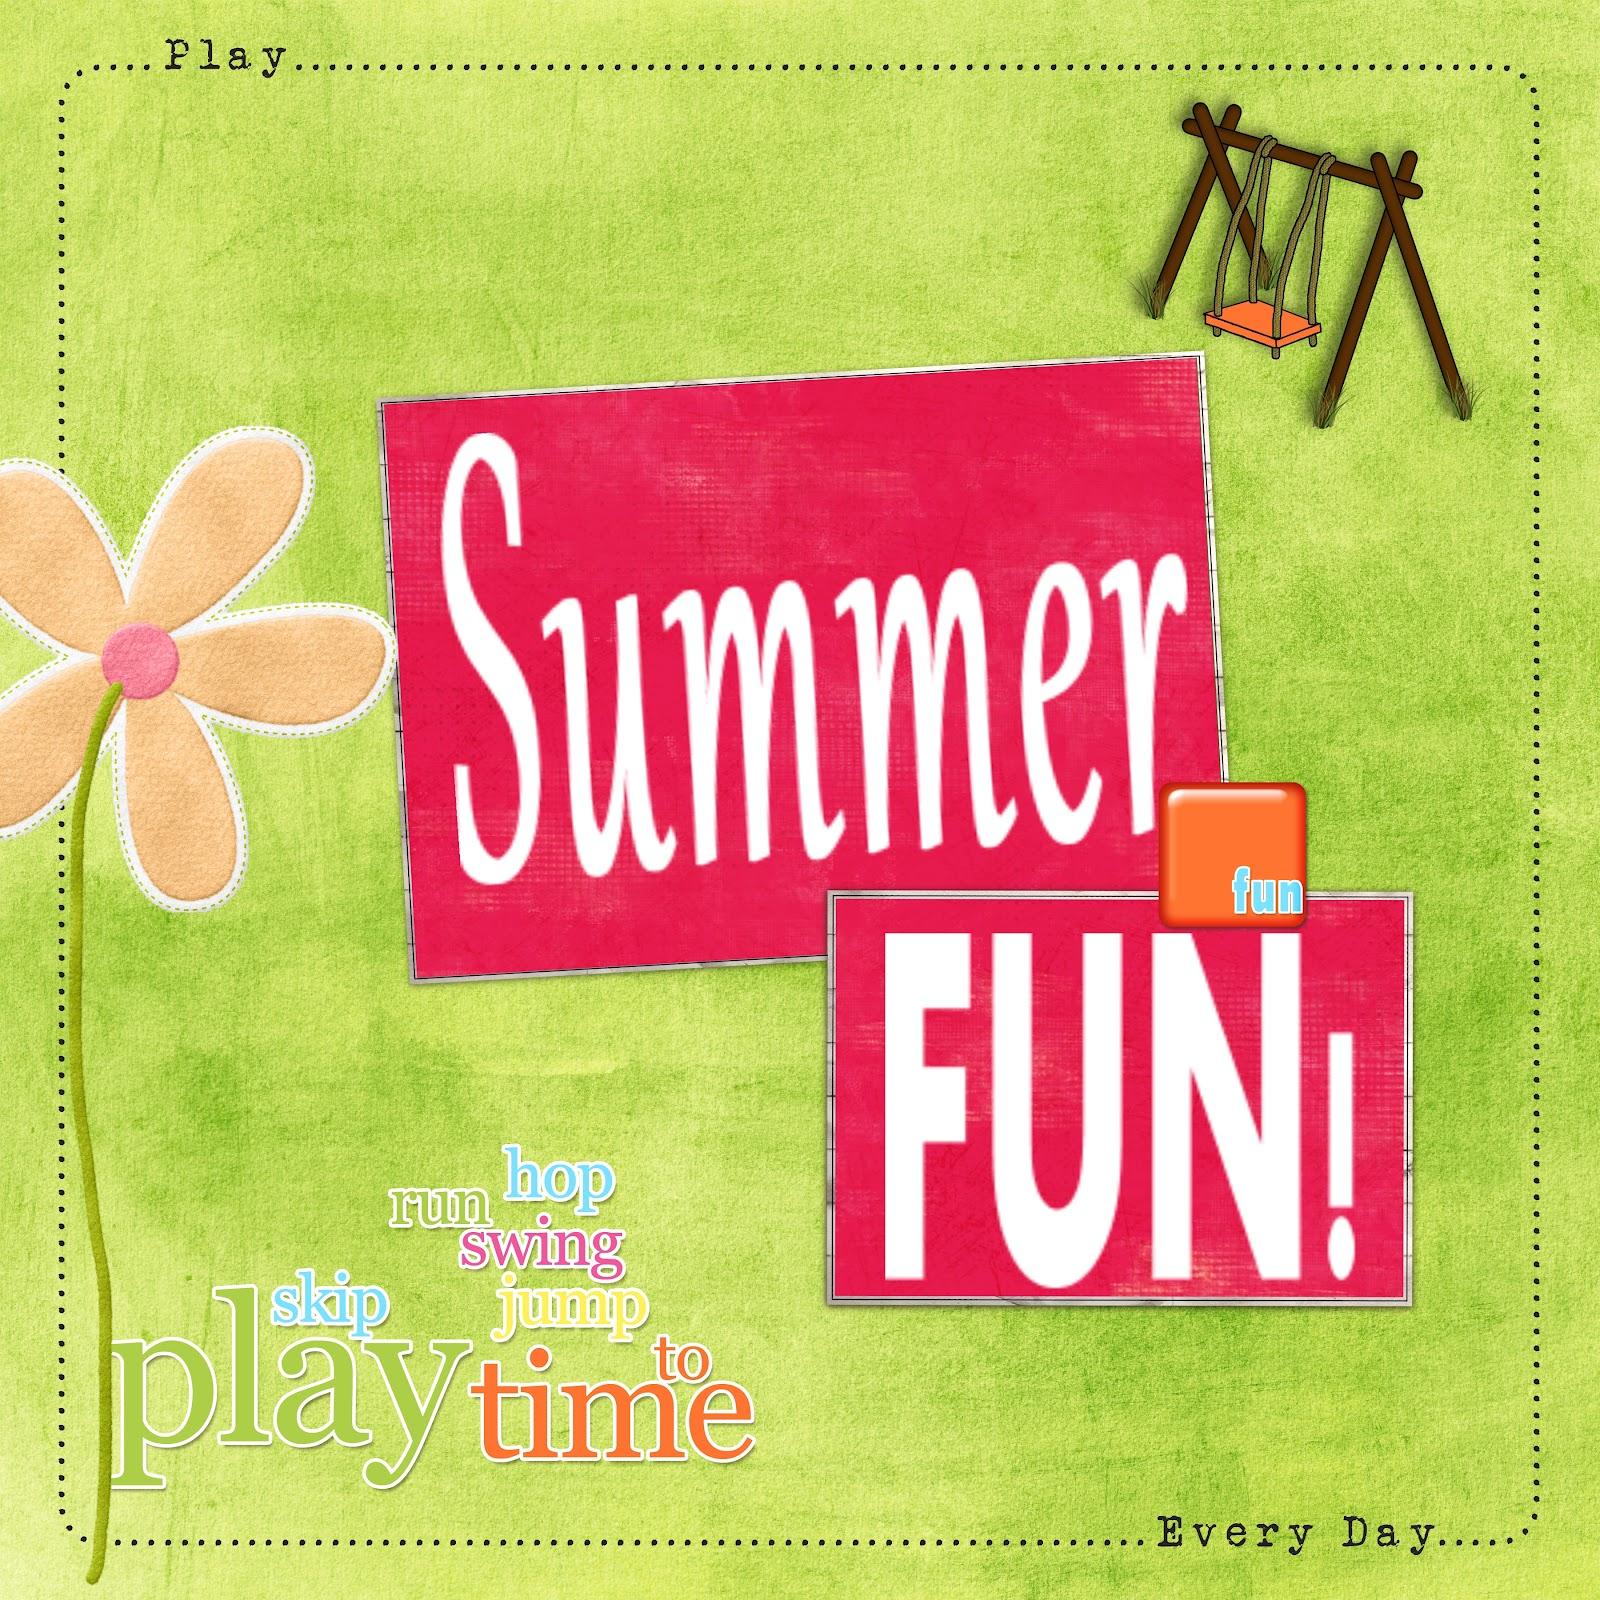 Enjoy Utah Summer Fun